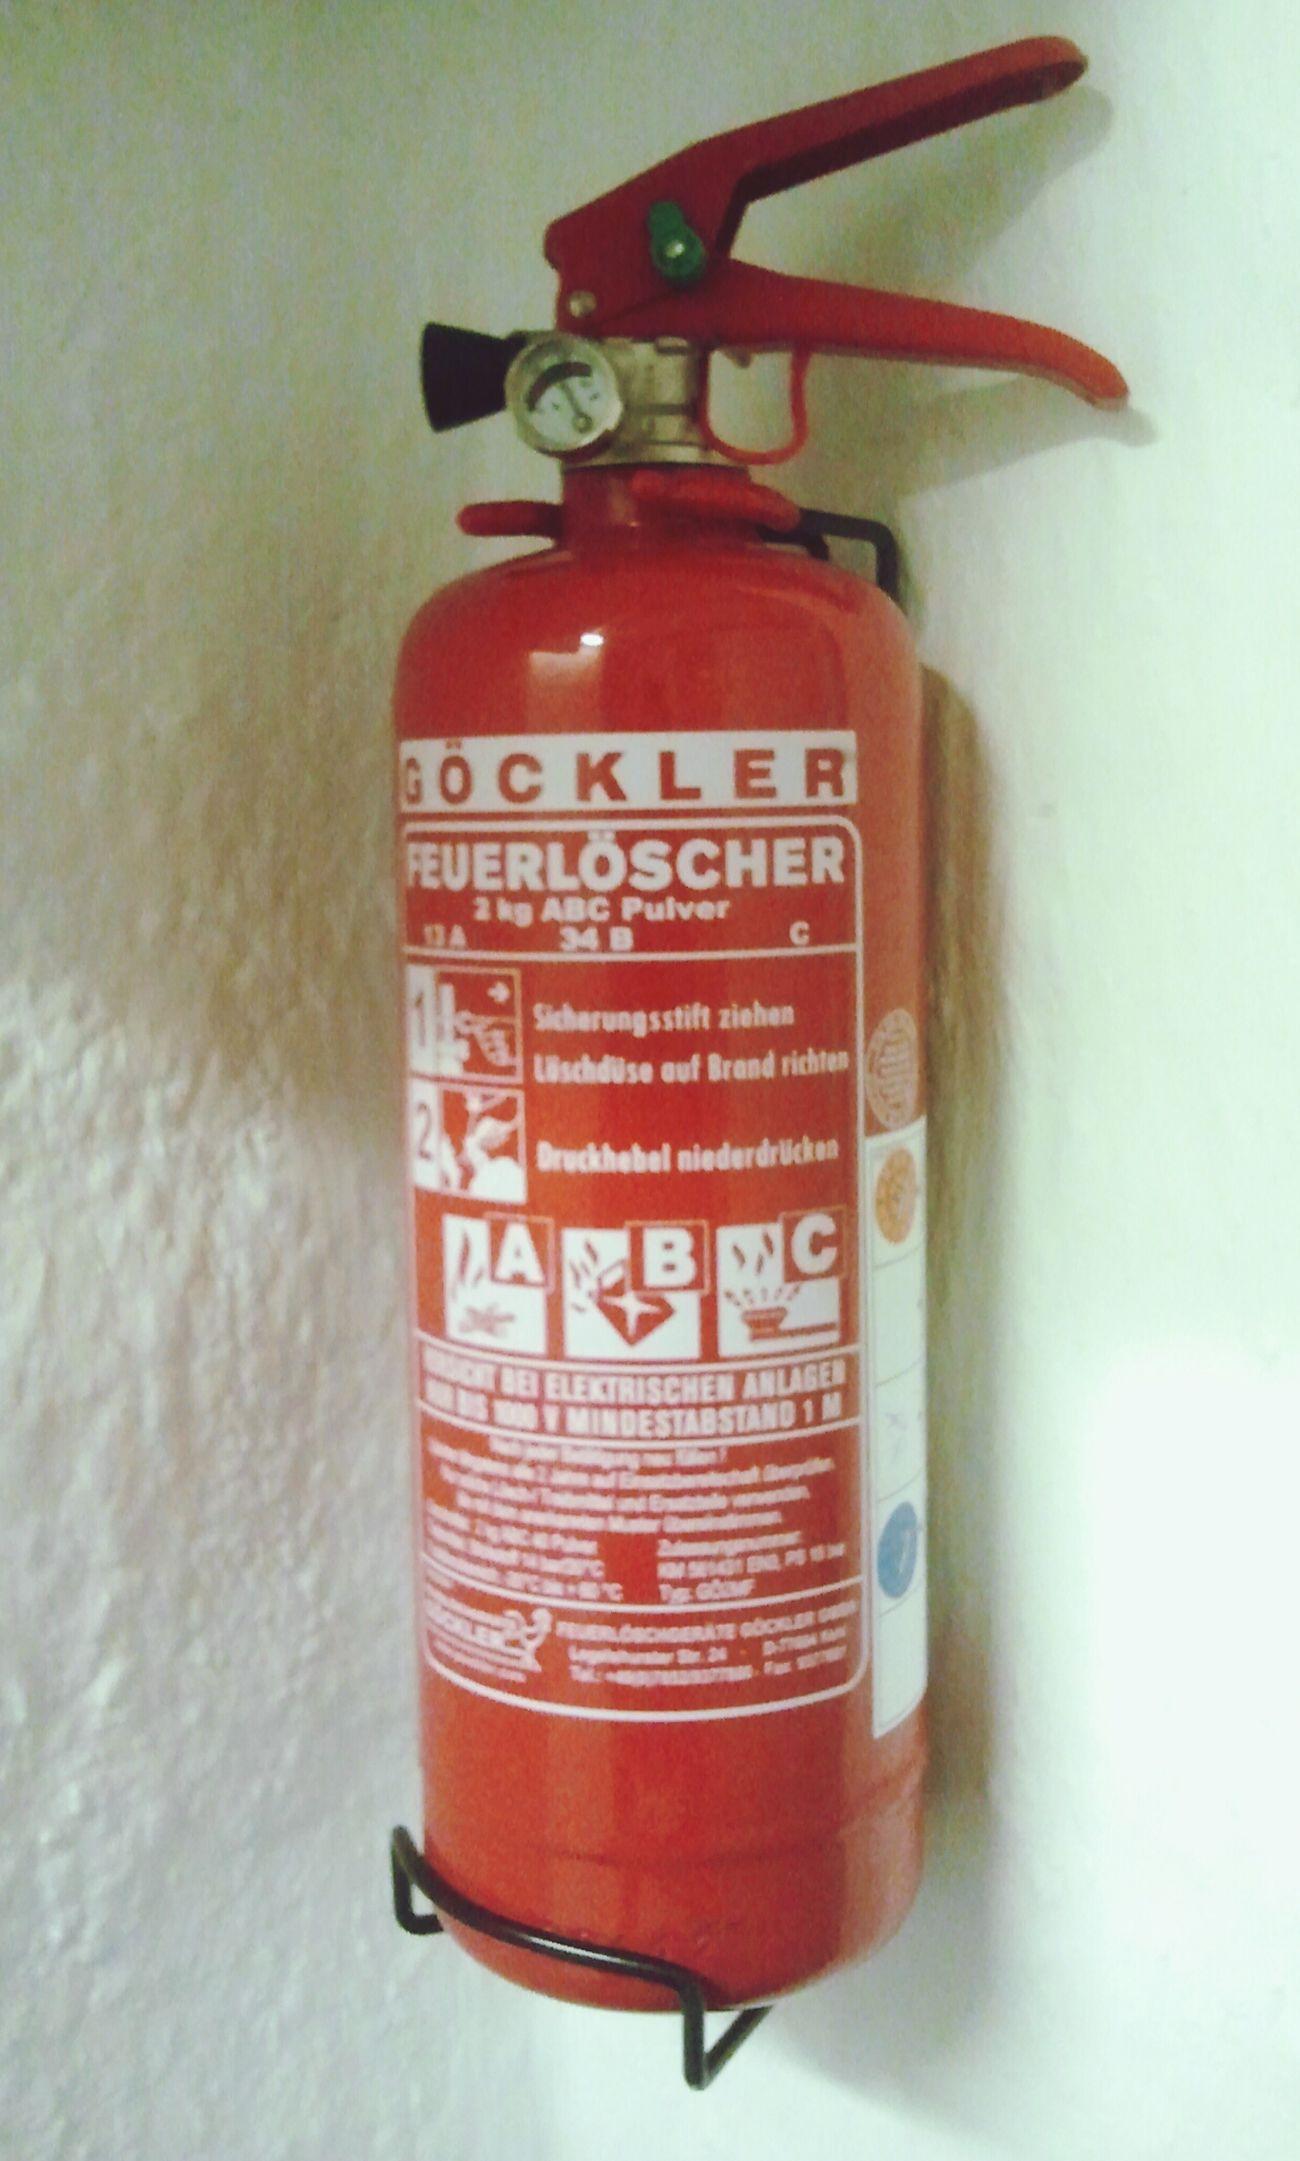 Feuerlöscher verfügbar. Check. Feuermelder installiert. Check. Jetzt können mich nur noch die Krim-Knallchargen ruinieren.